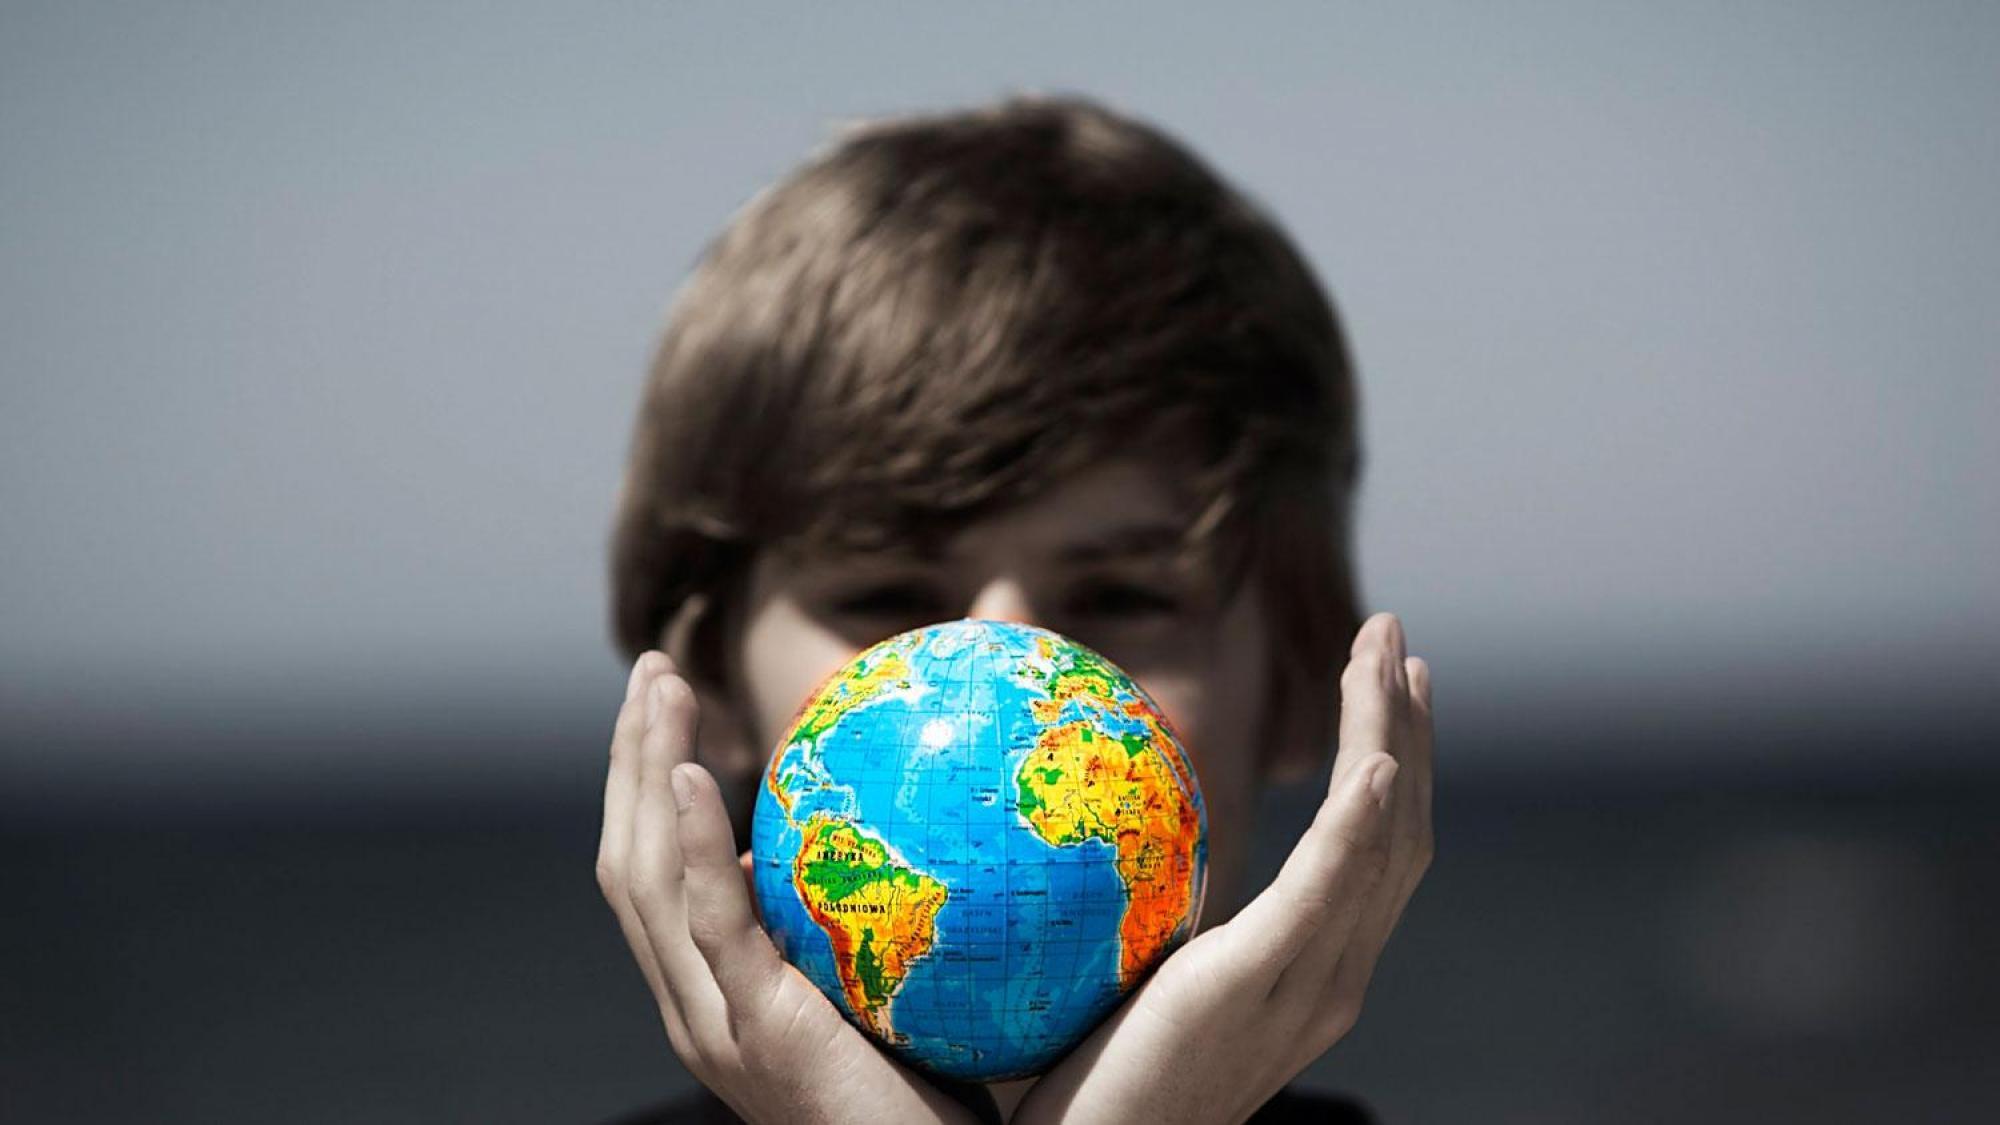 Ihminen_muuttuva_maailma_focus